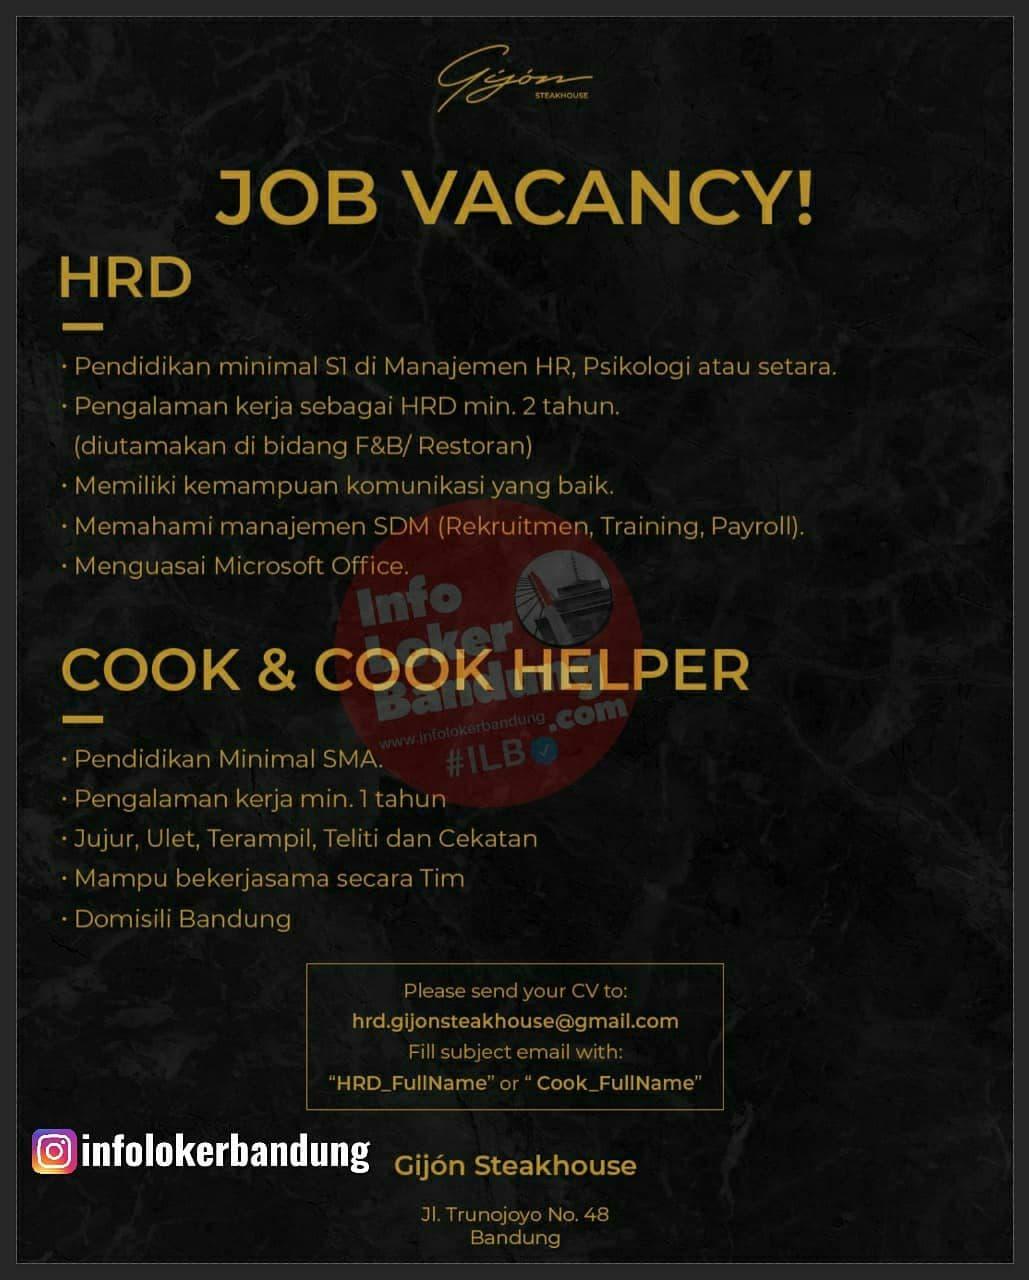 Lowongan Kerja Gijon Steakhouse Bandung Juni 2021